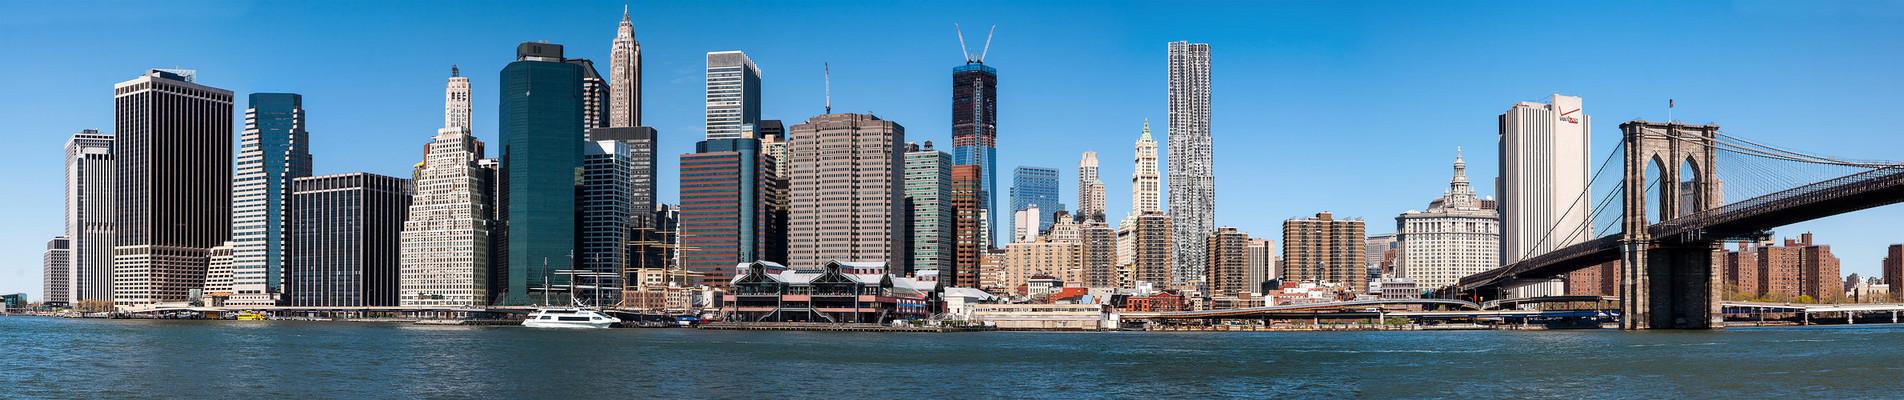 N.Y. [118] - Manhattan Skyline